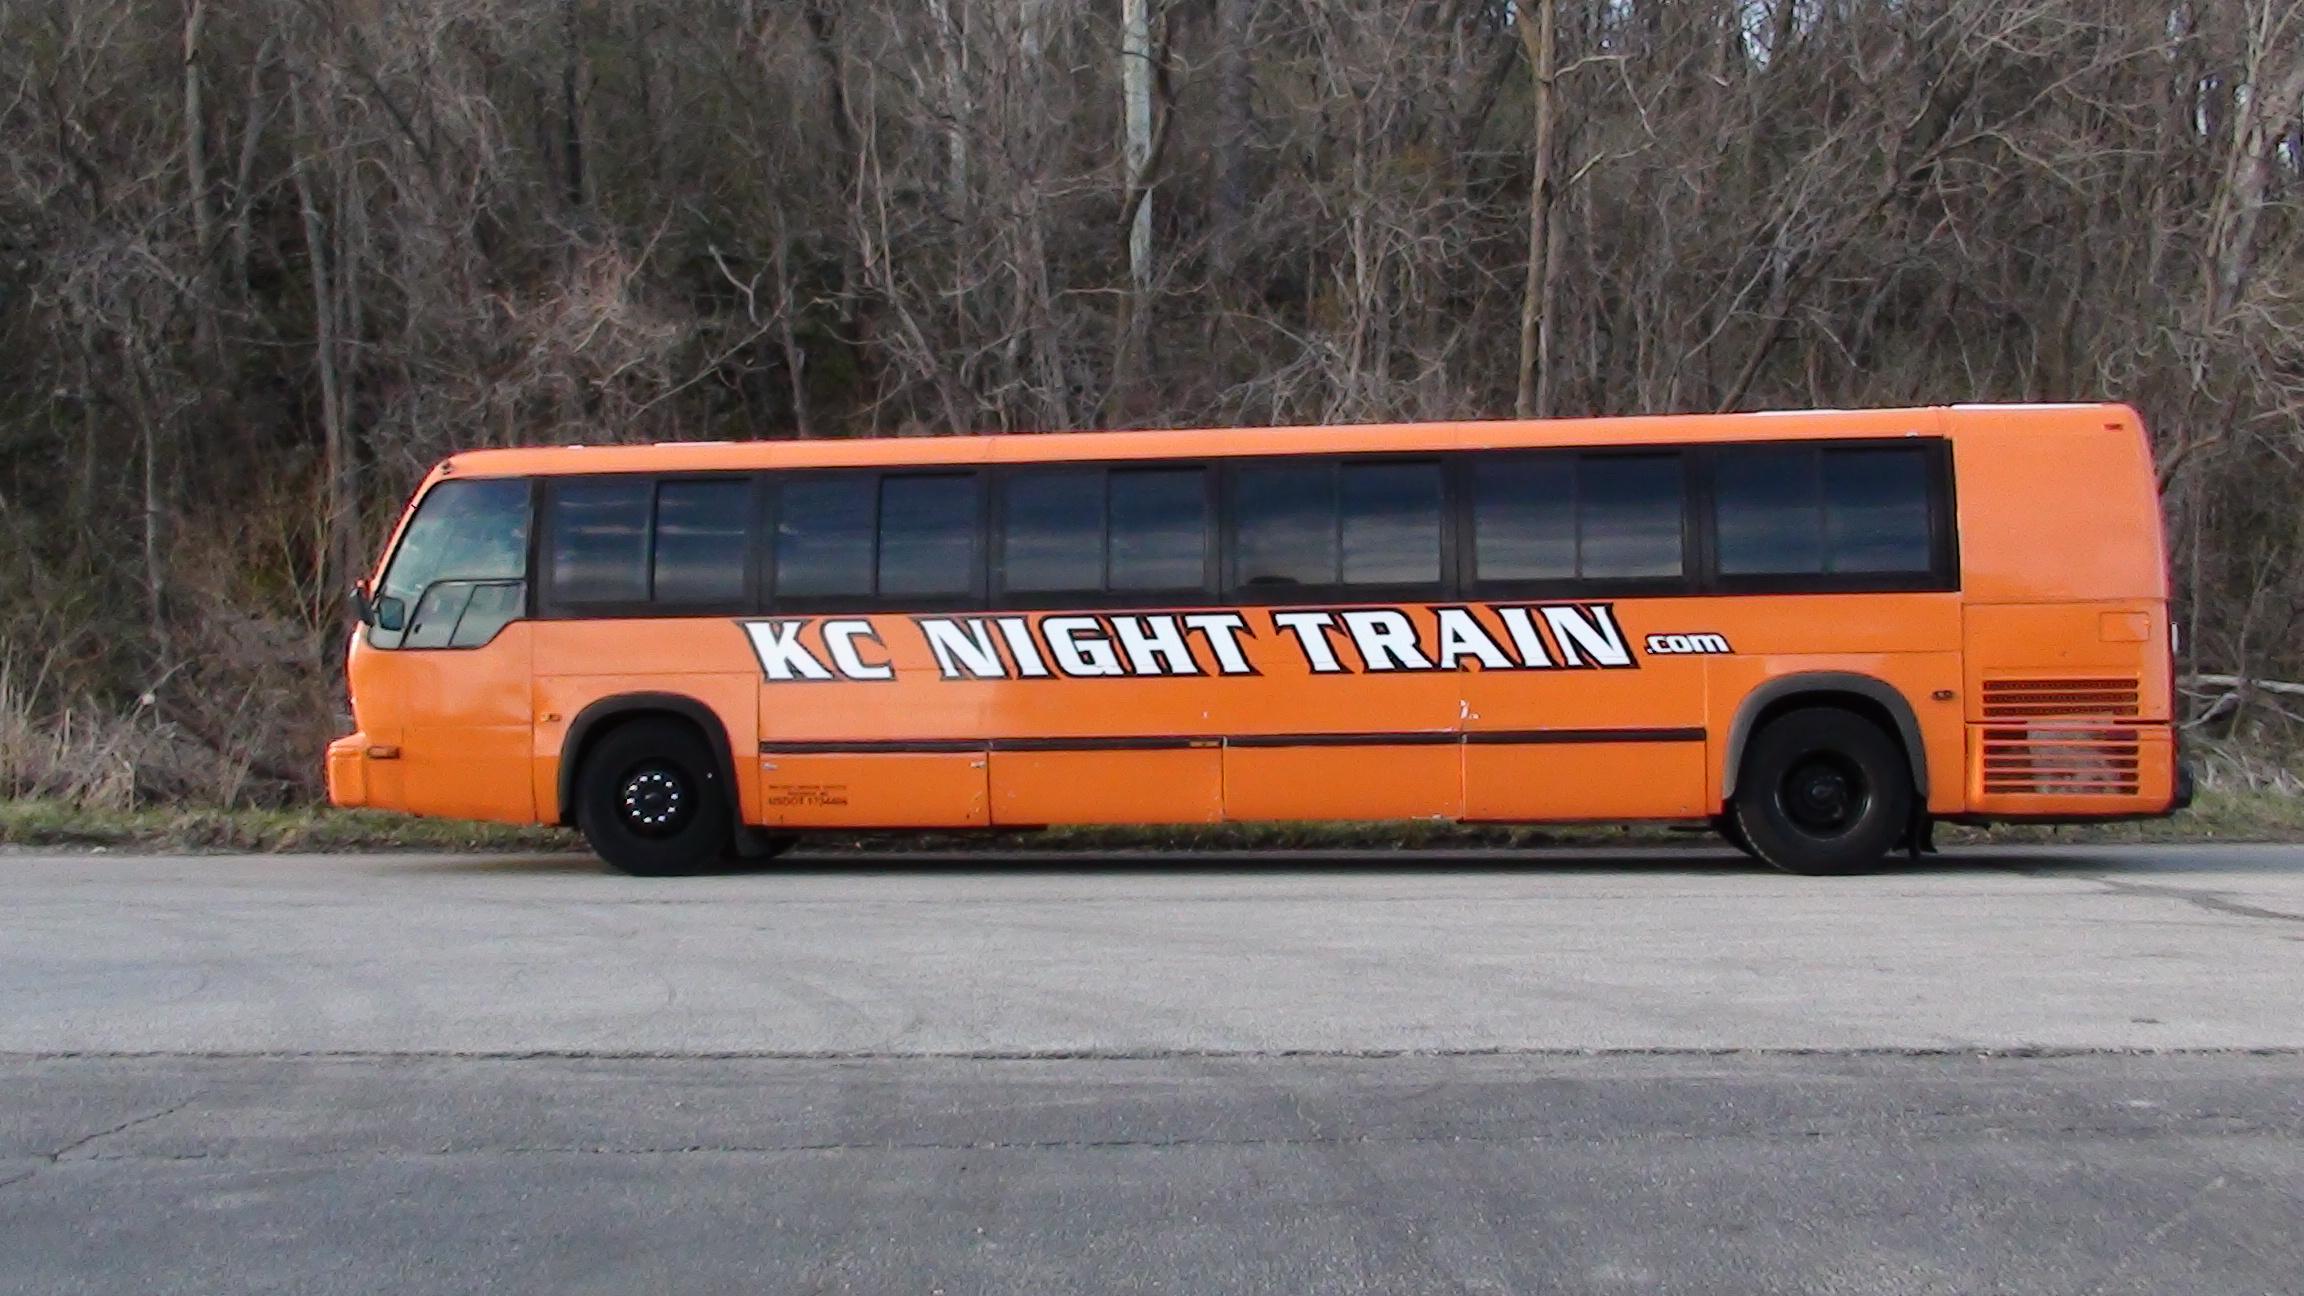 kansas-city-night-train-orange-party-bus